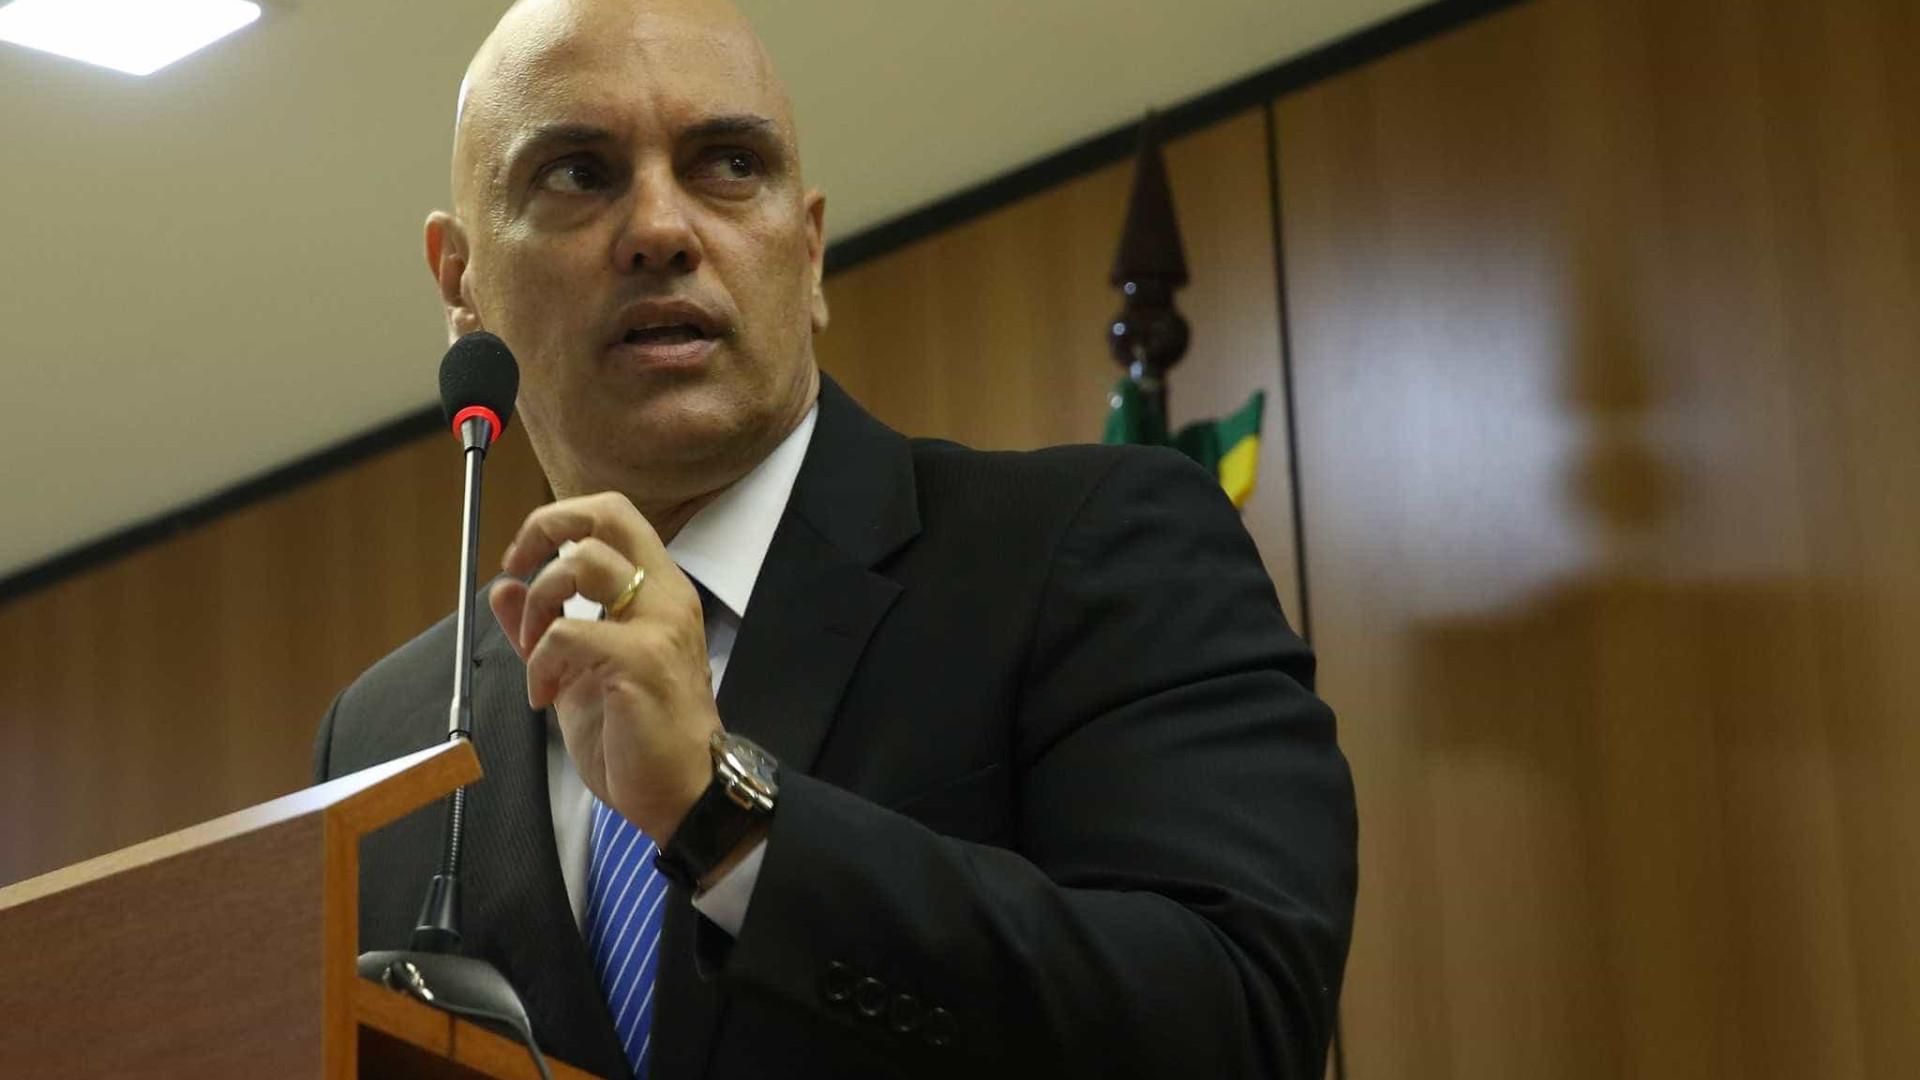 Temer repreende Moraes por operação  contra terrorismo, diz coluna